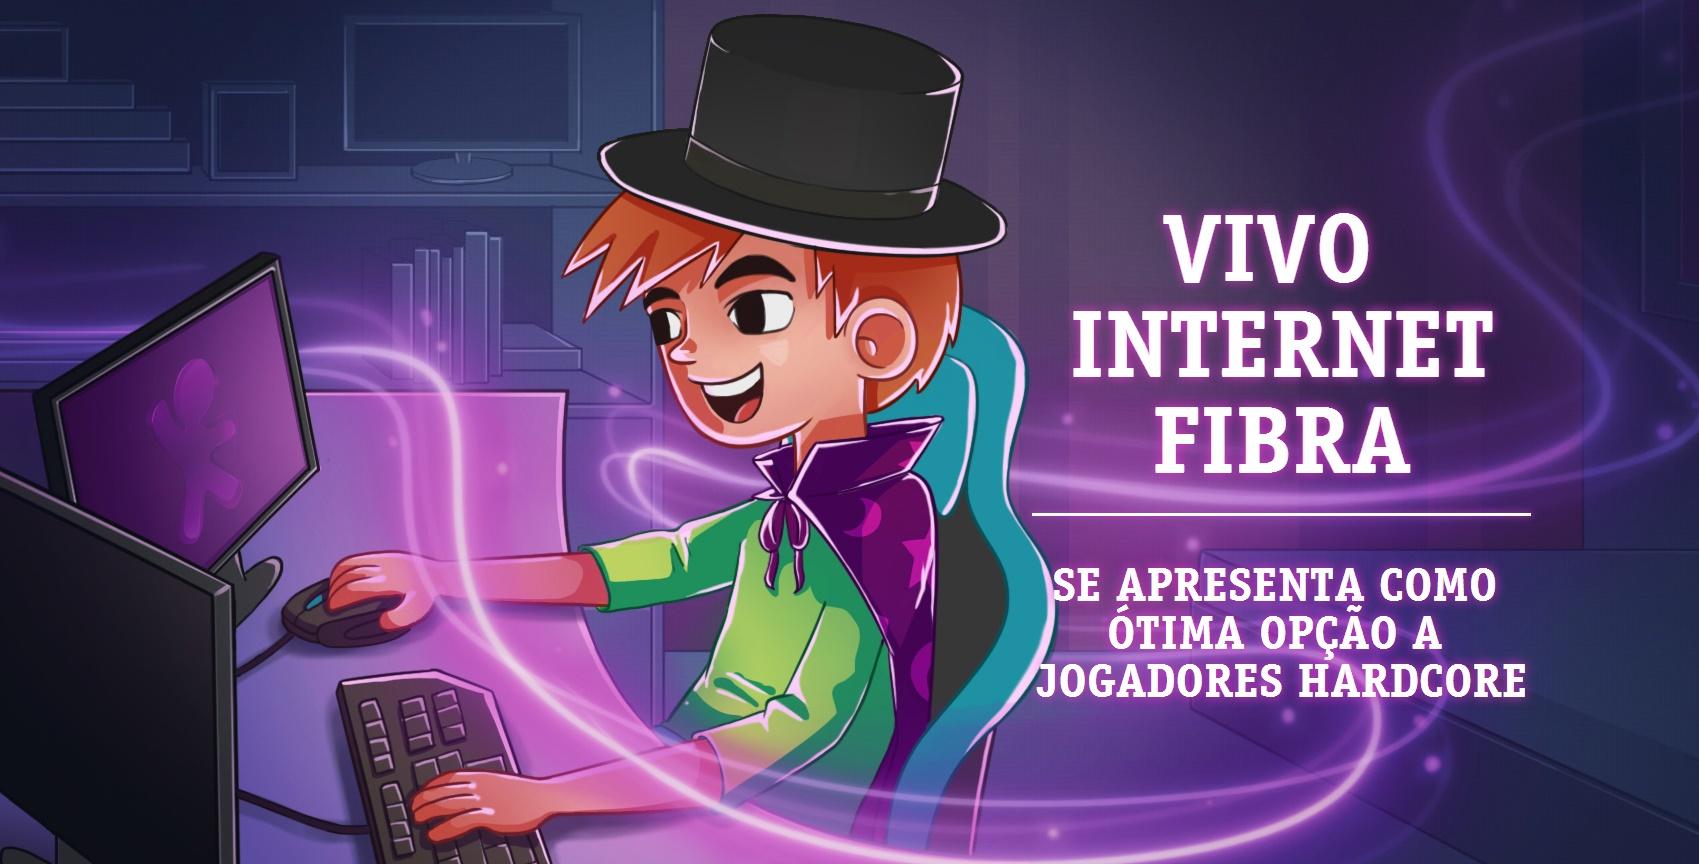 Vivo Internet Fibra se apresenta como ótima opção a jogadores hardcore